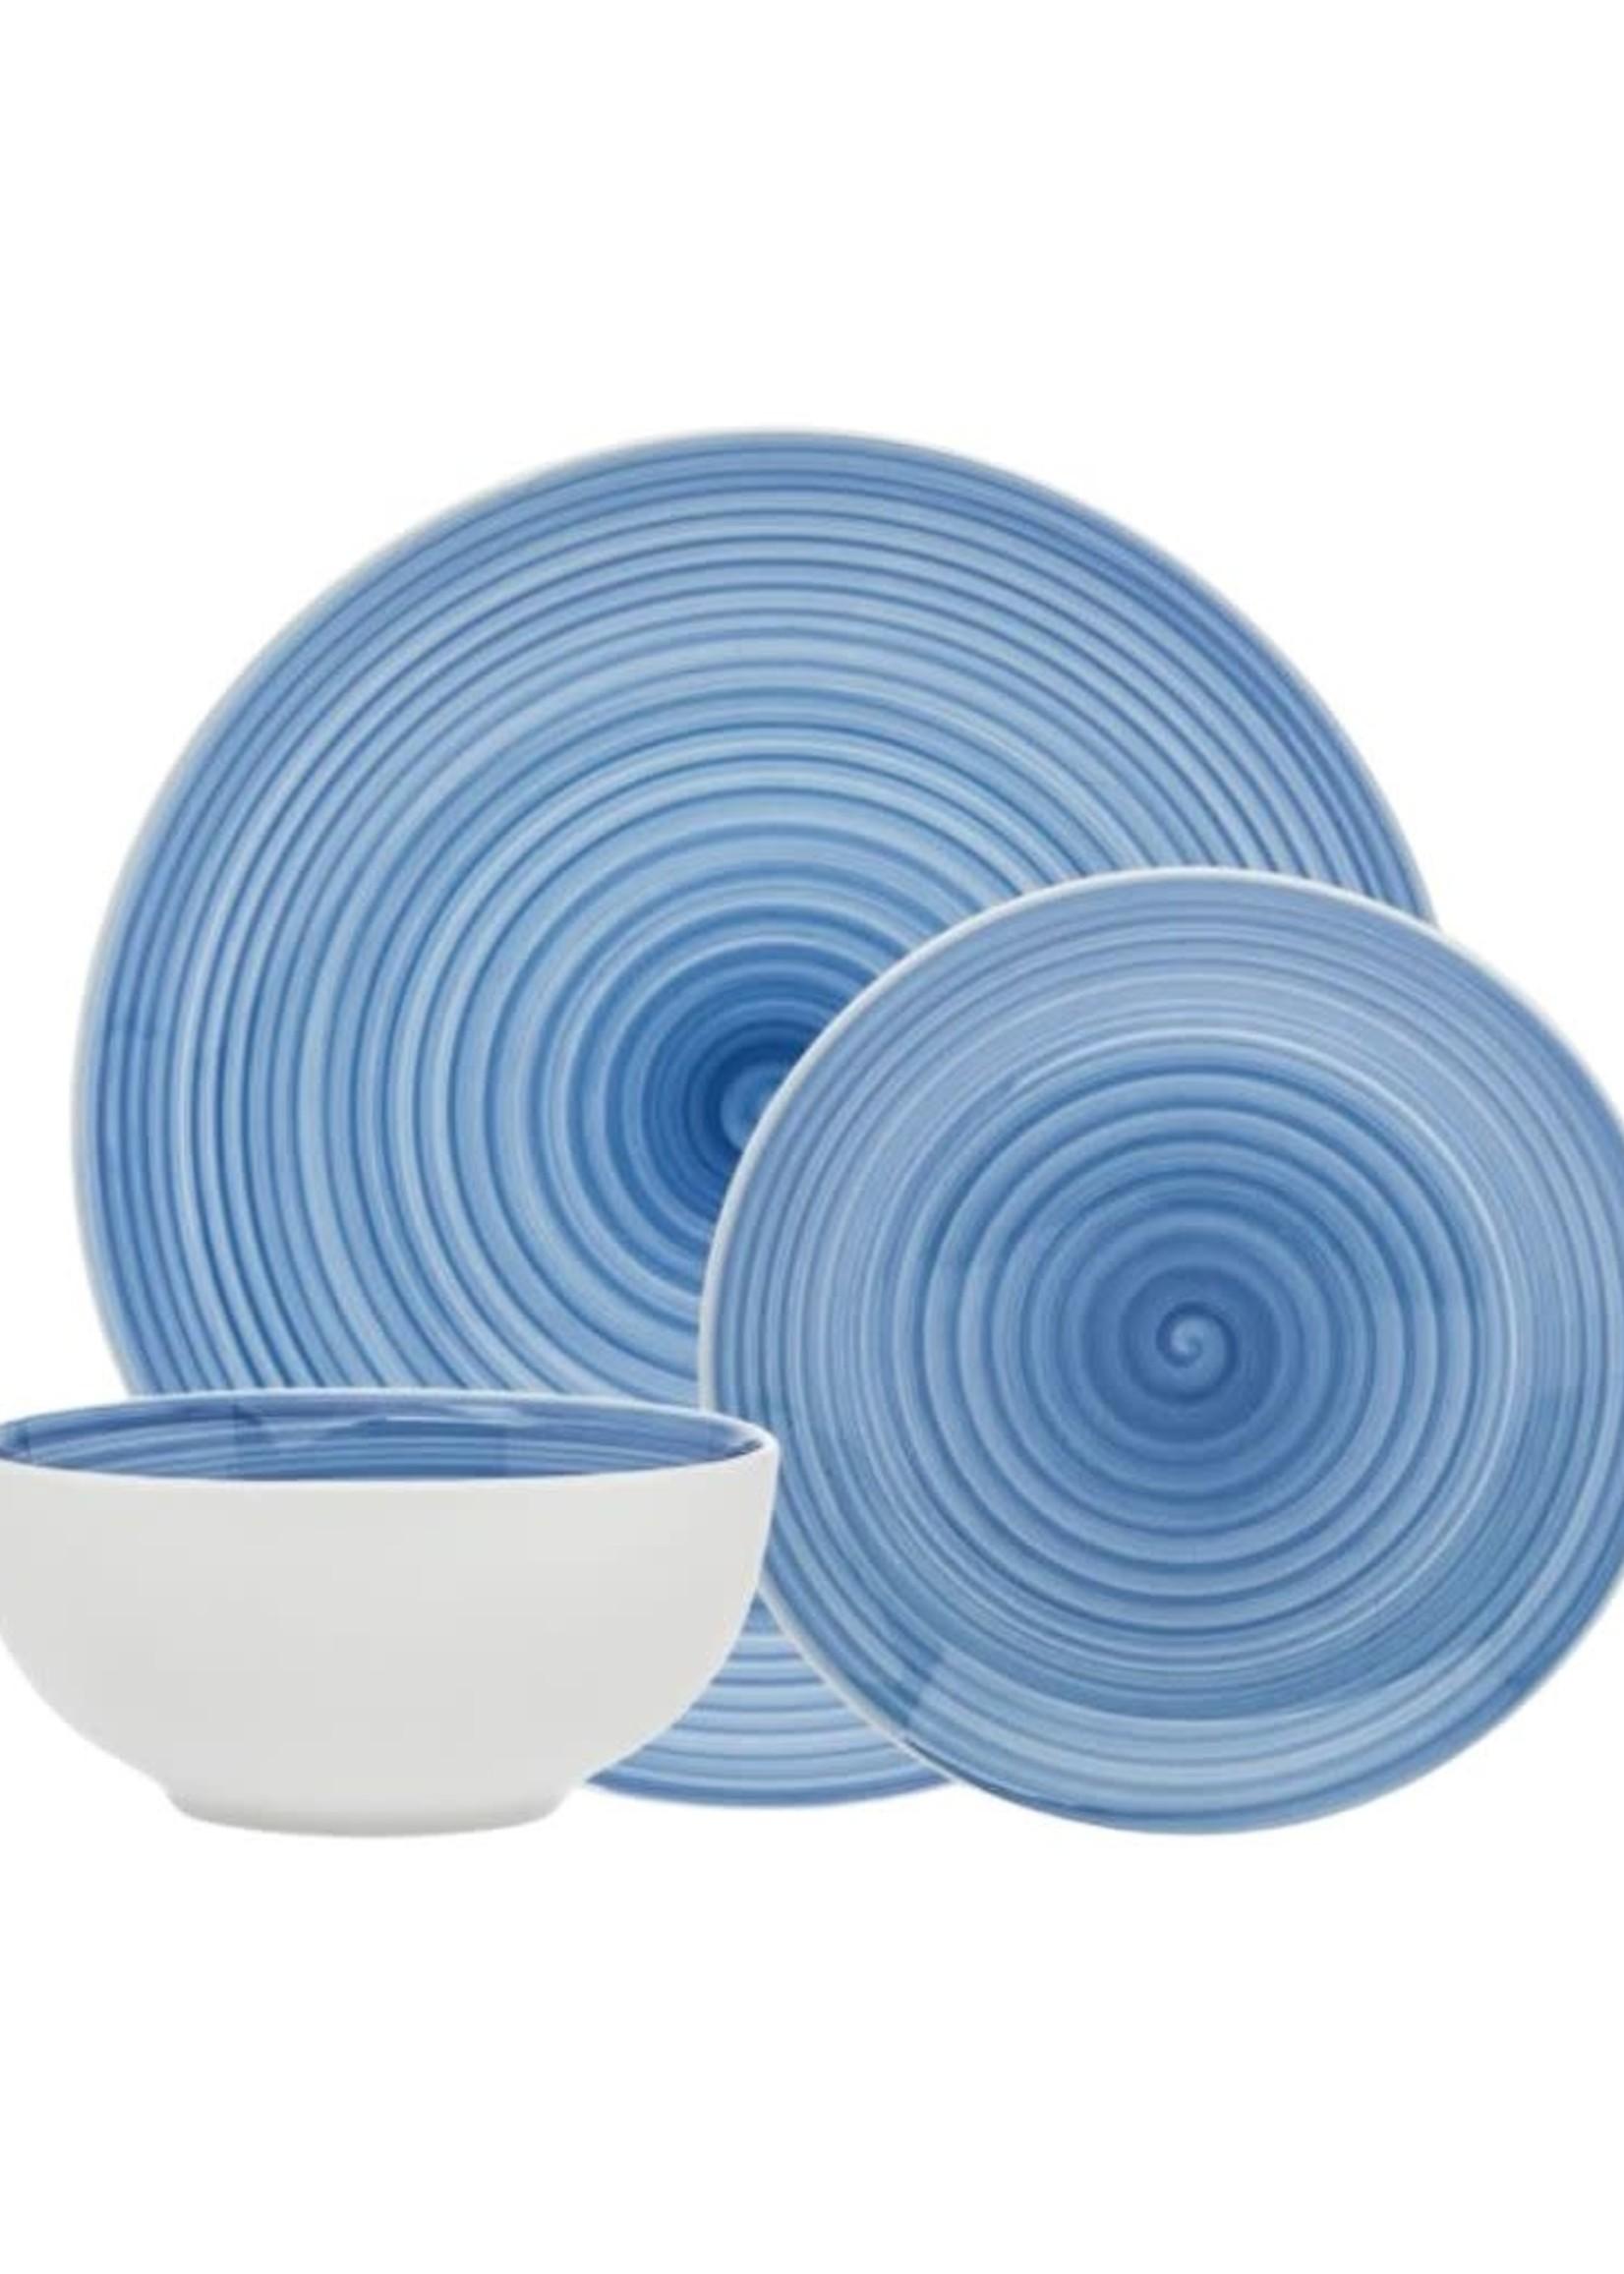 Spiral Blue 12 Piece Dinnerware Set